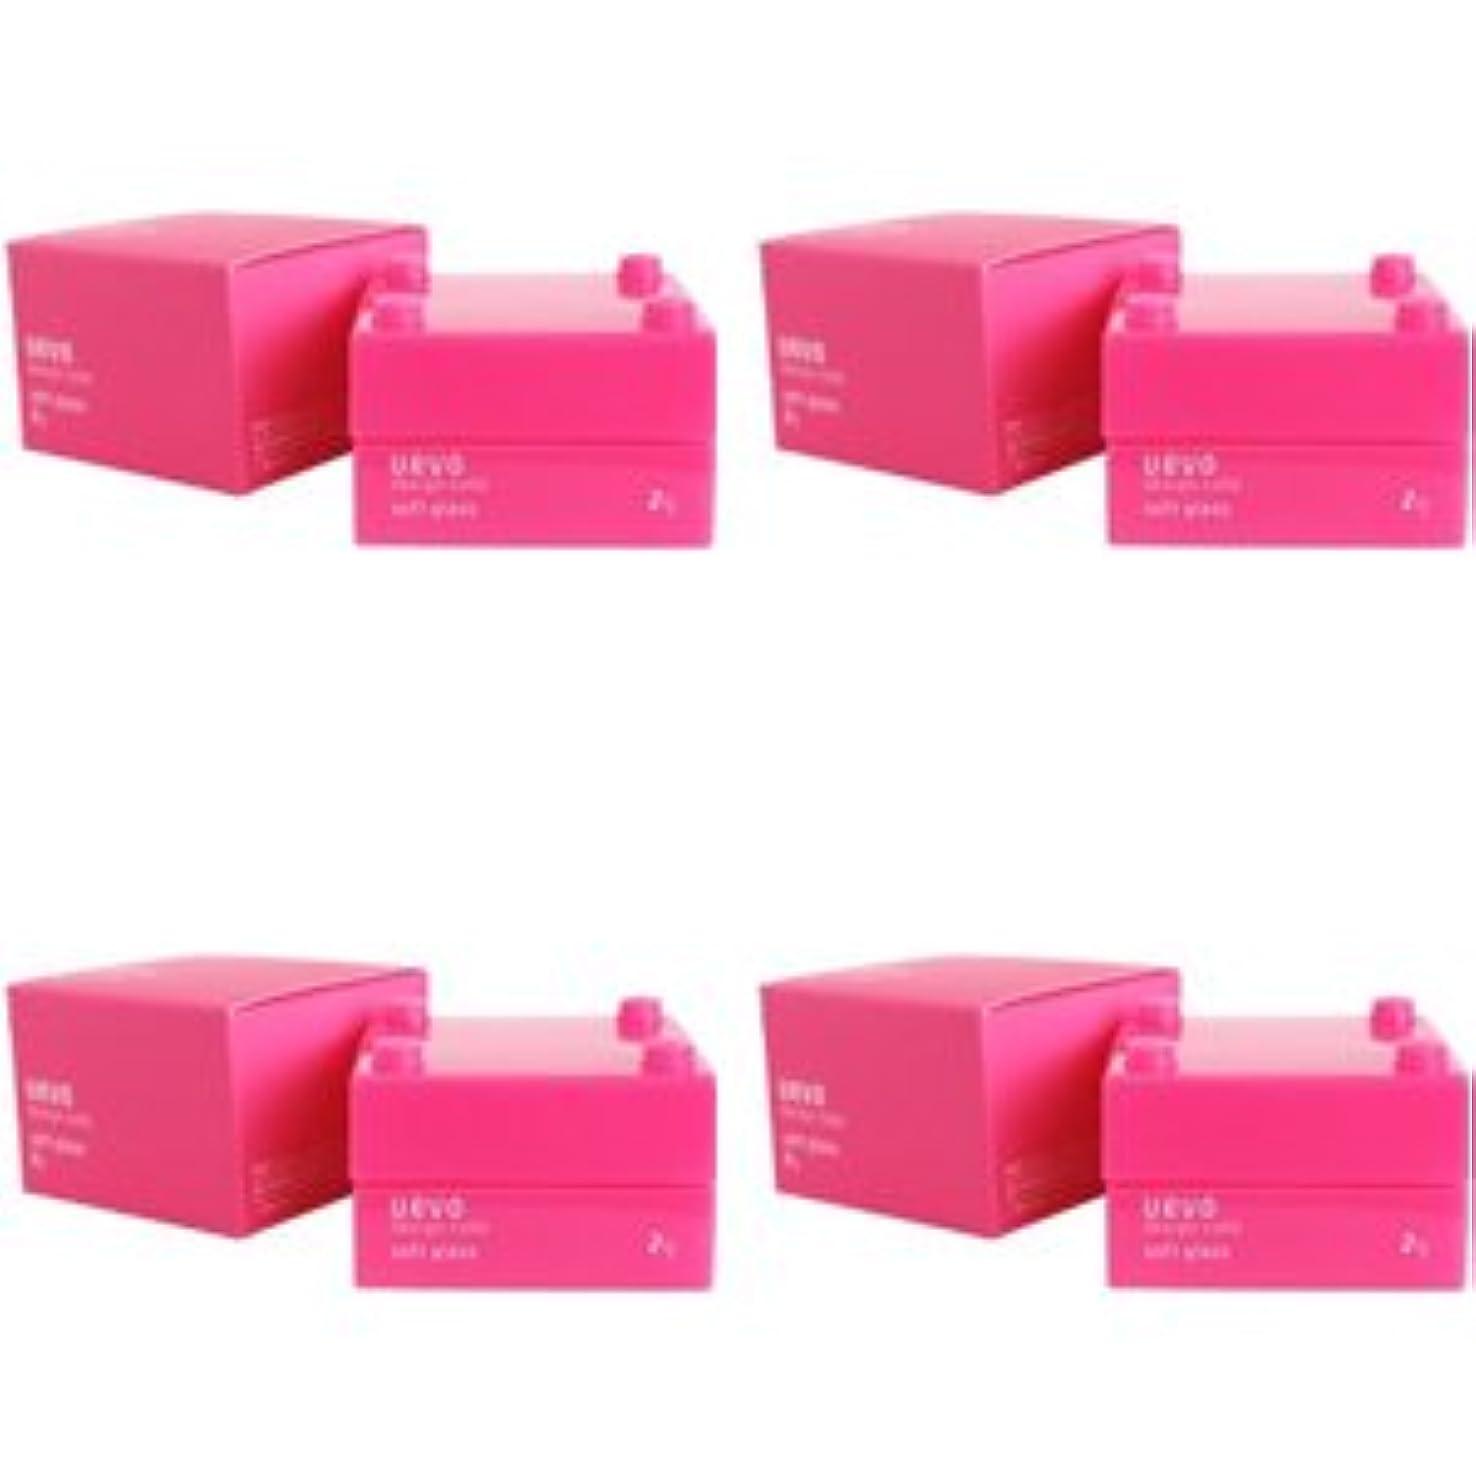 ハンサムコンパイル経験的【X4個セット】 デミ ウェーボ デザインキューブ ソフトグロス 30g soft gloss DEMI uevo design cube